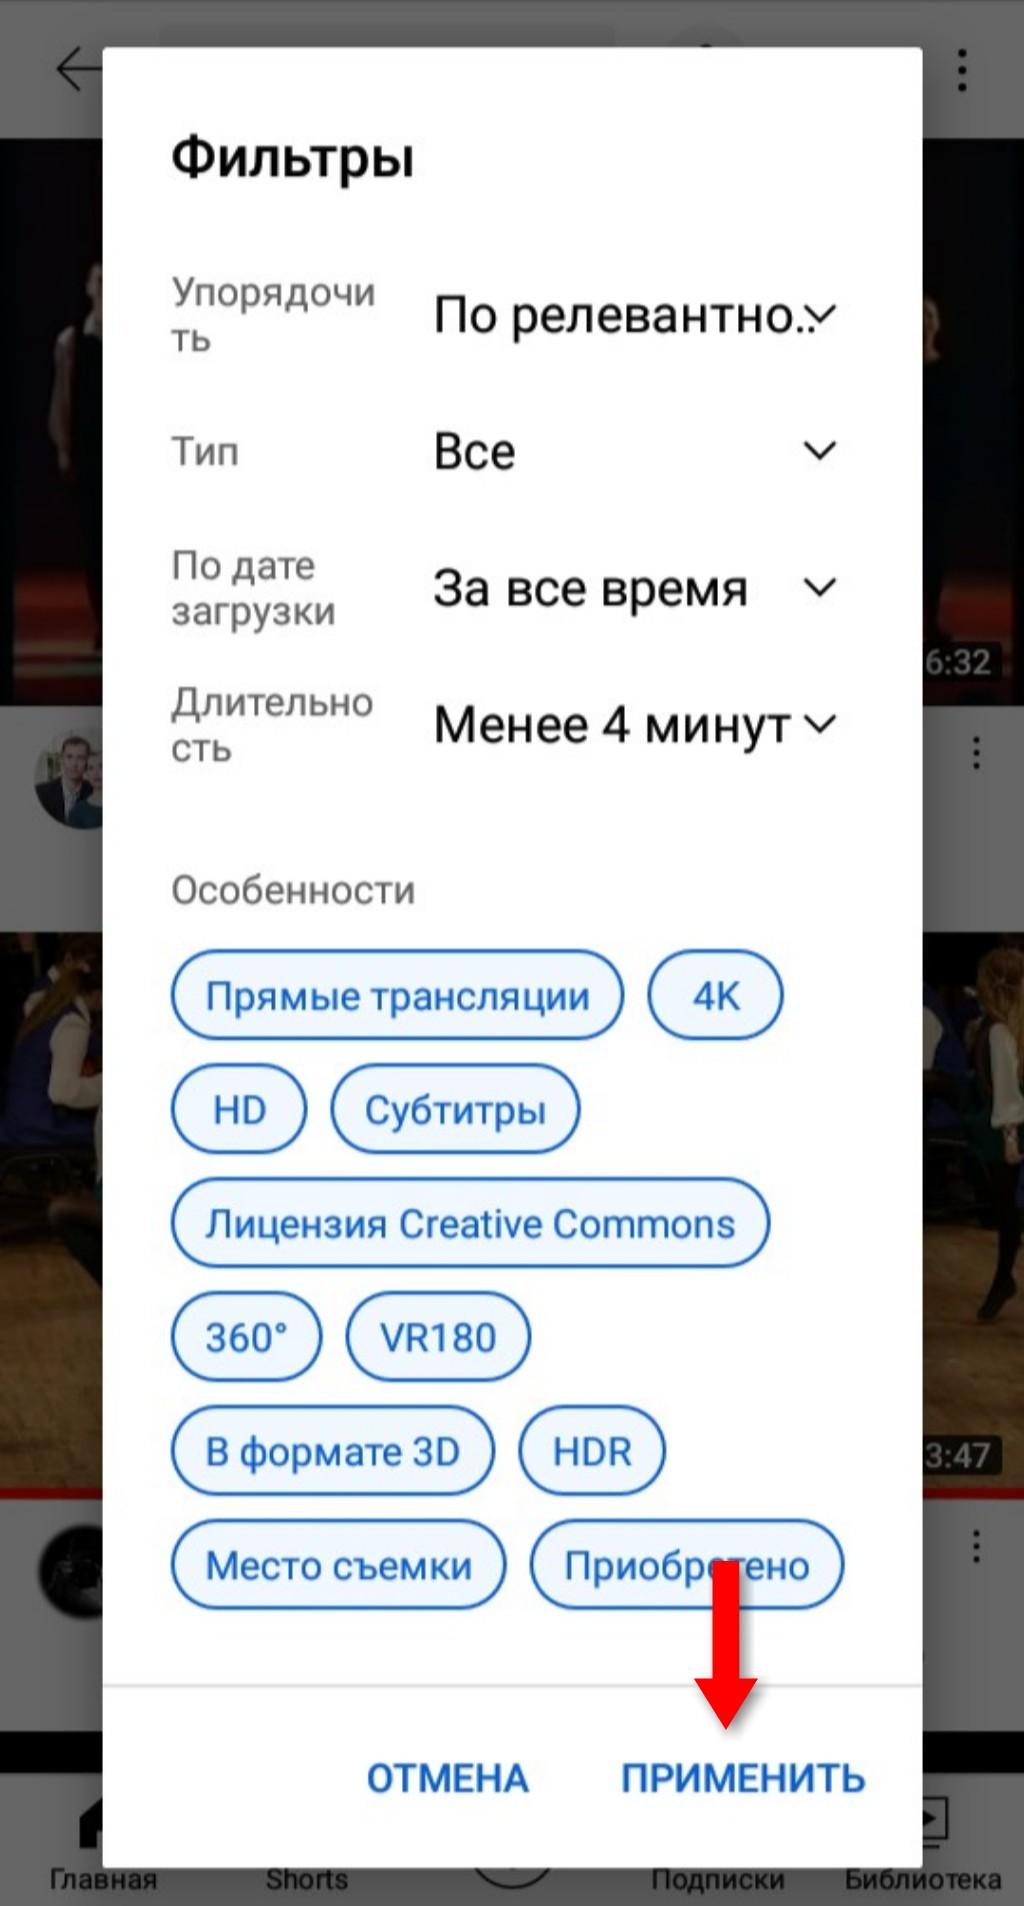 InFrame_1628012283534.jpg